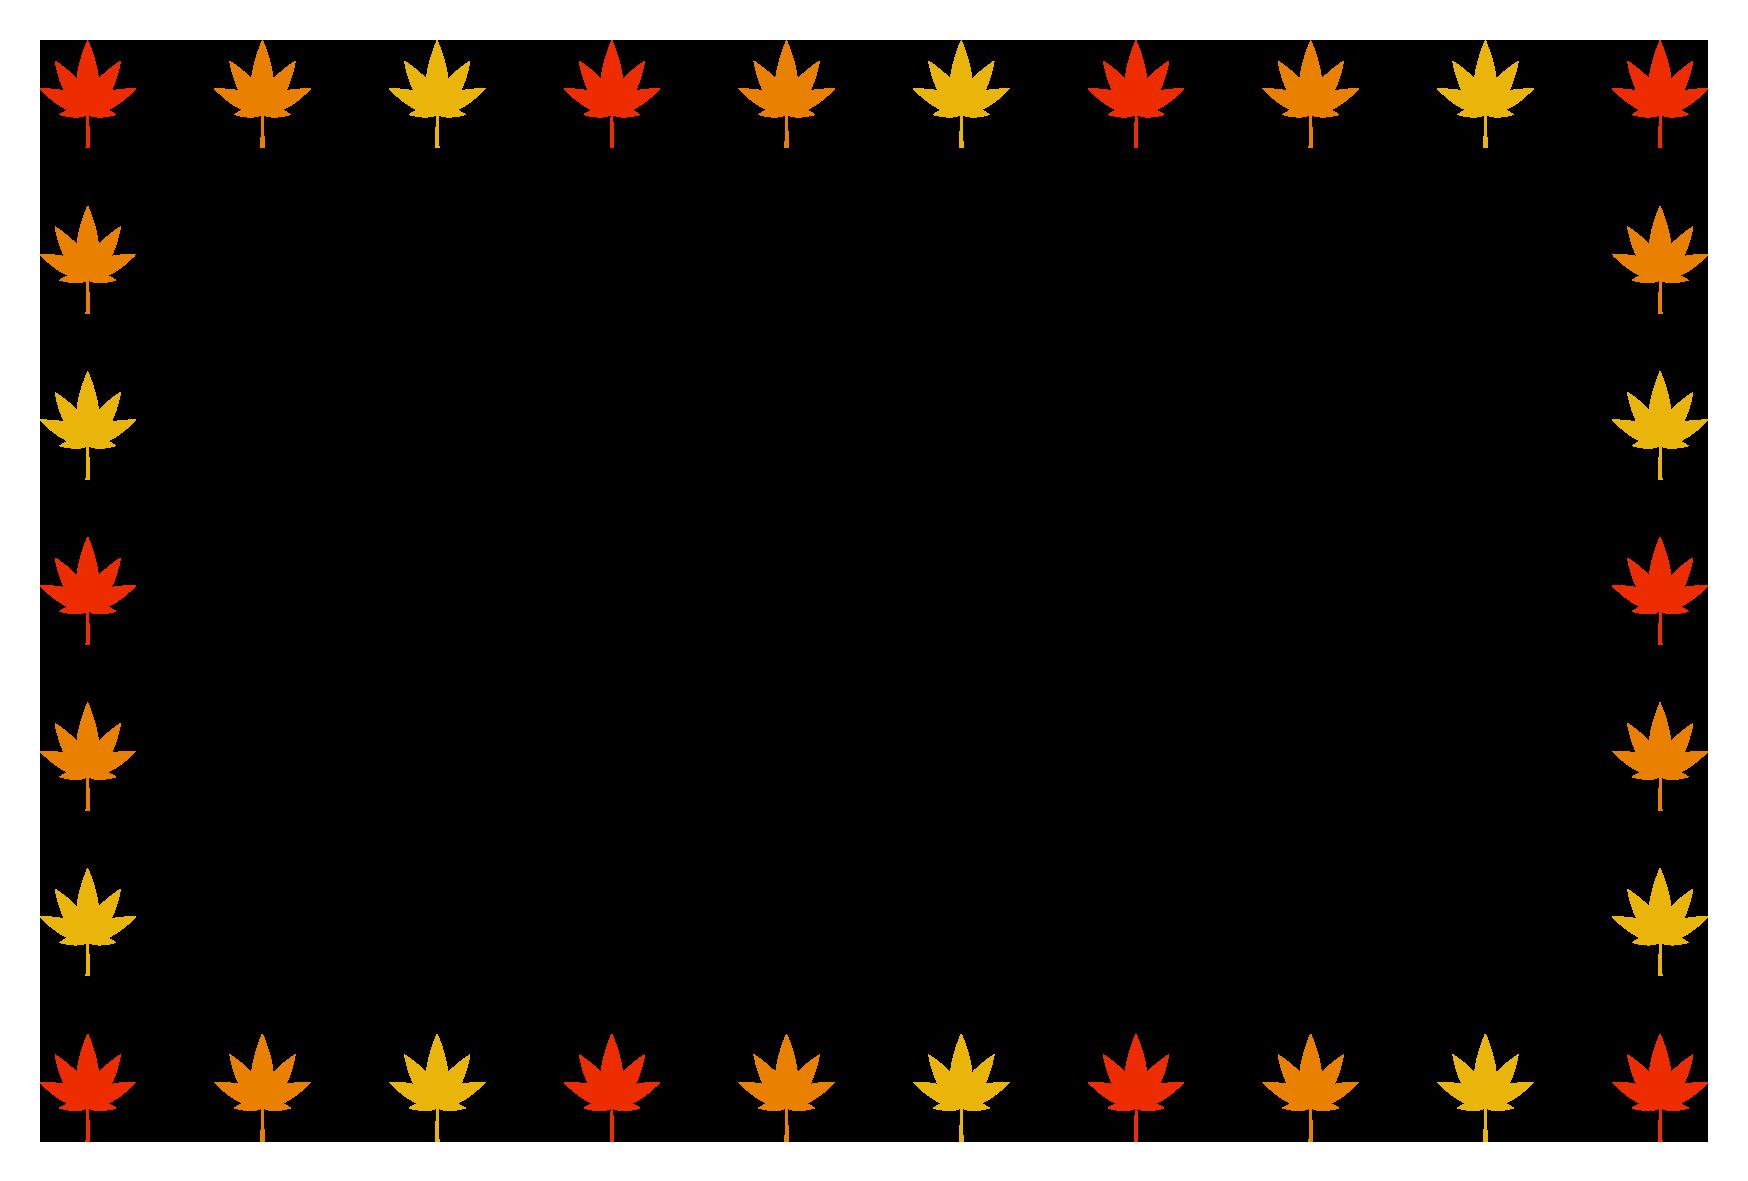 秋(もみじ)シンプル枠イラスト-横 <無料> | イラストk